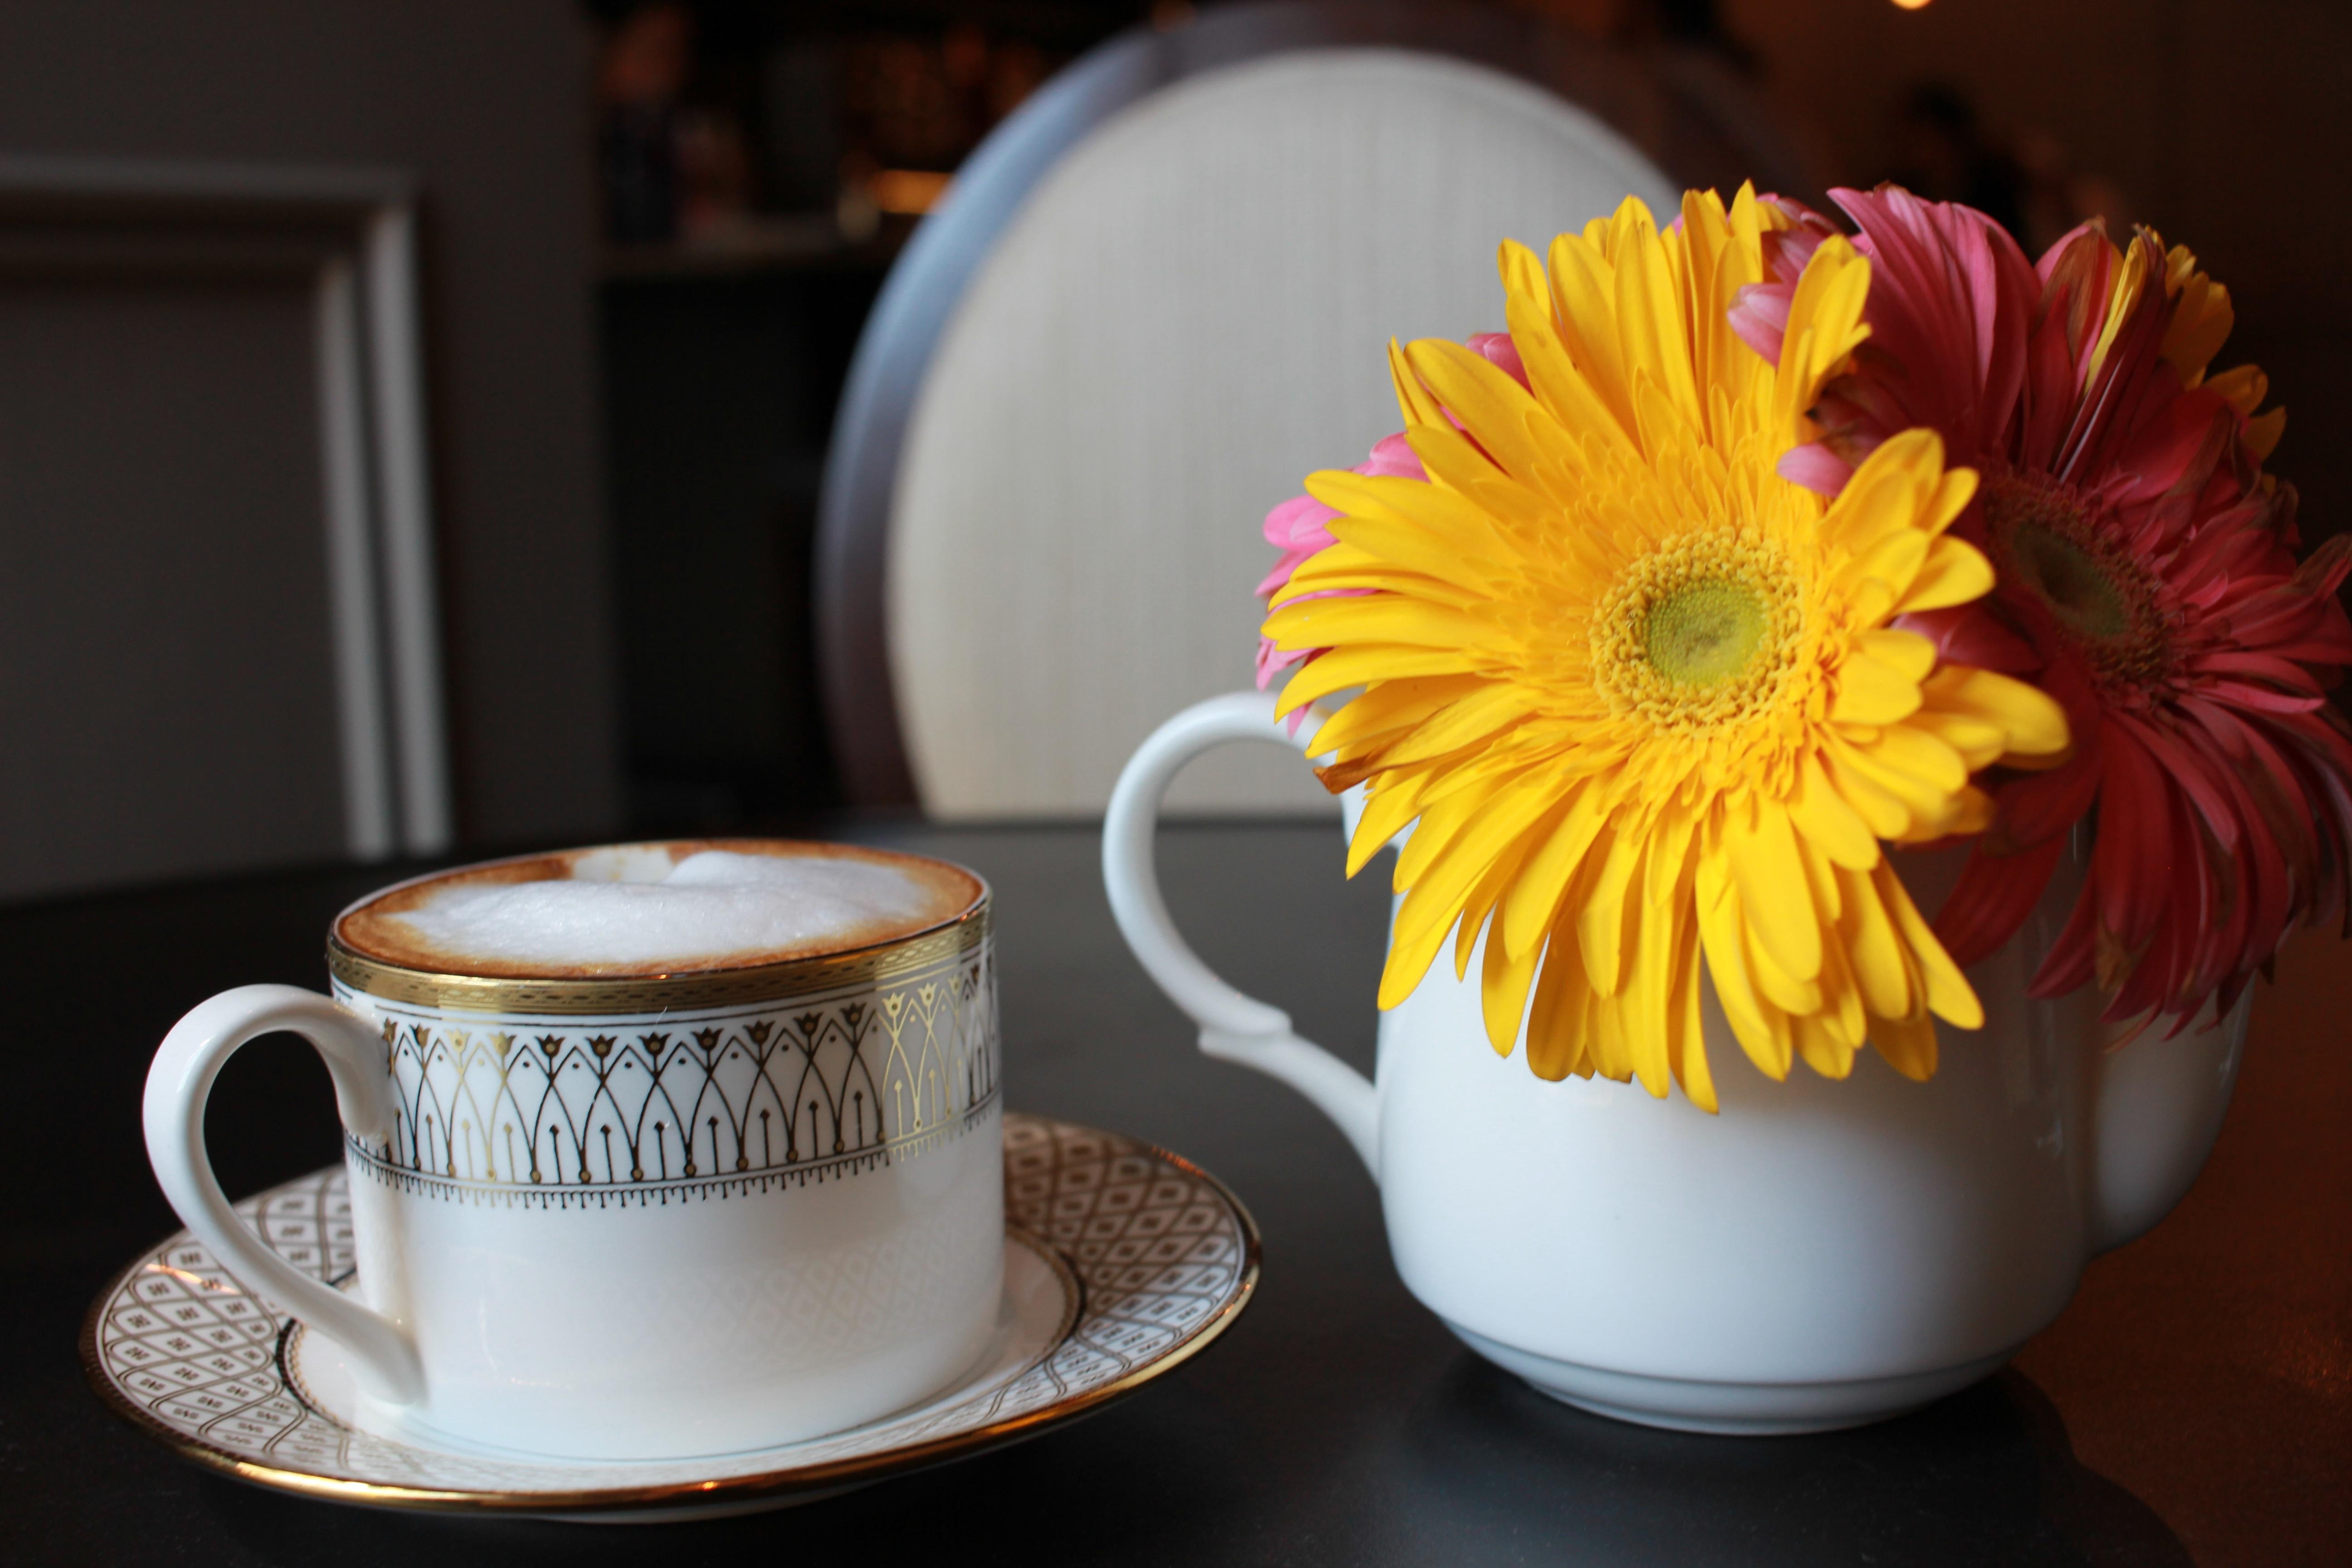 Доброе утро картинки красивые цветы и кофе, картинки для троллей